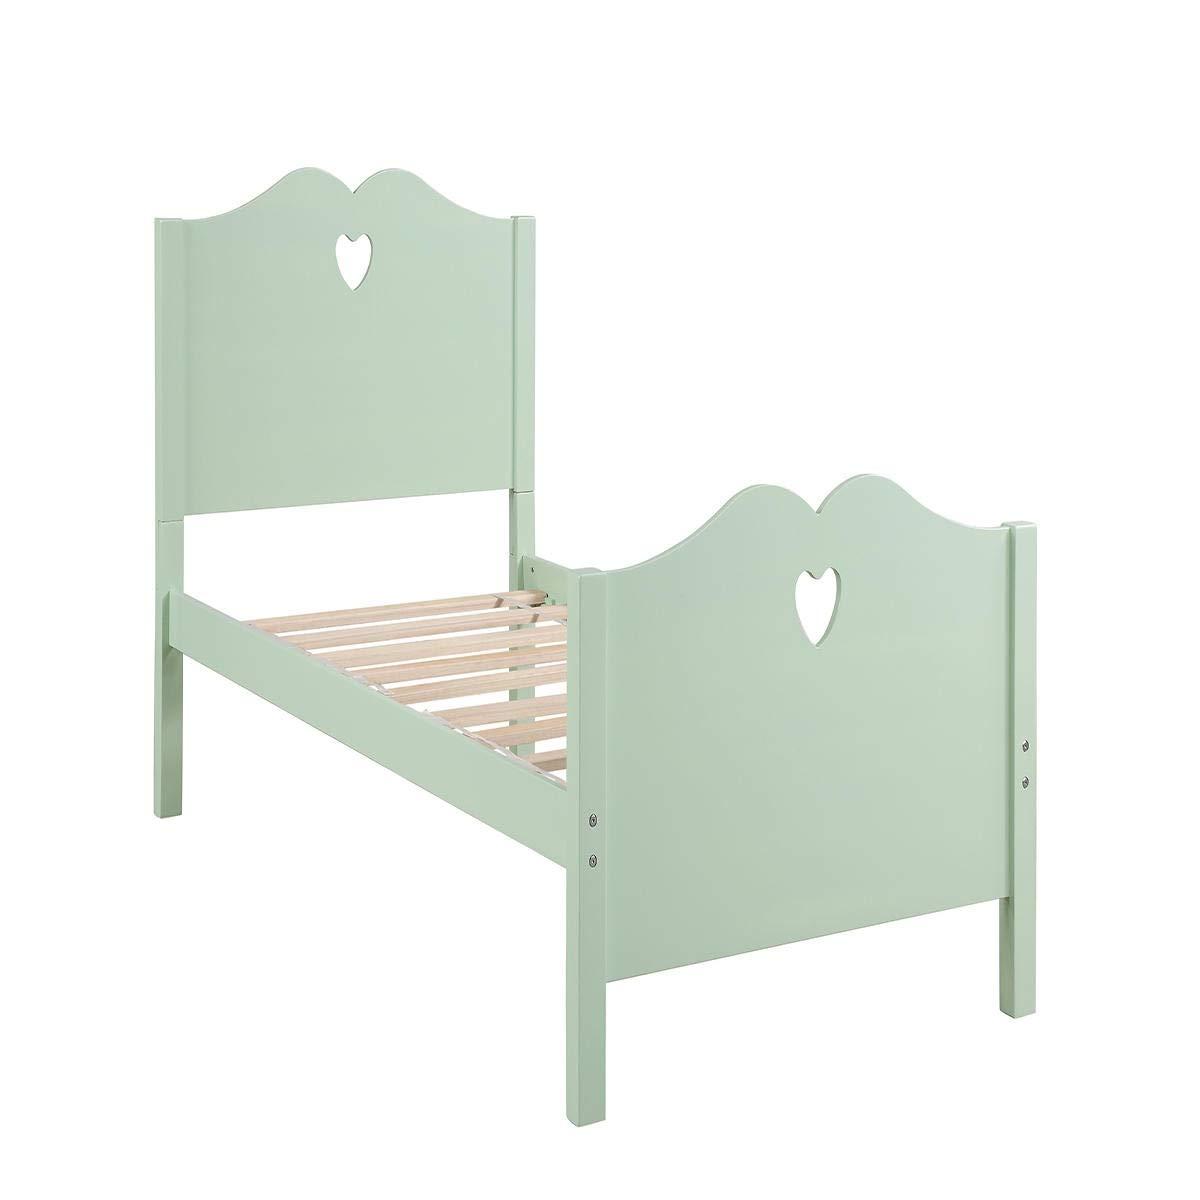 Burnell Wilcox Bettrahmen Bettrahmen Twin Platform Bett mit Holzlattenrost und Kopf- und Fußteil (Farbe : Green)